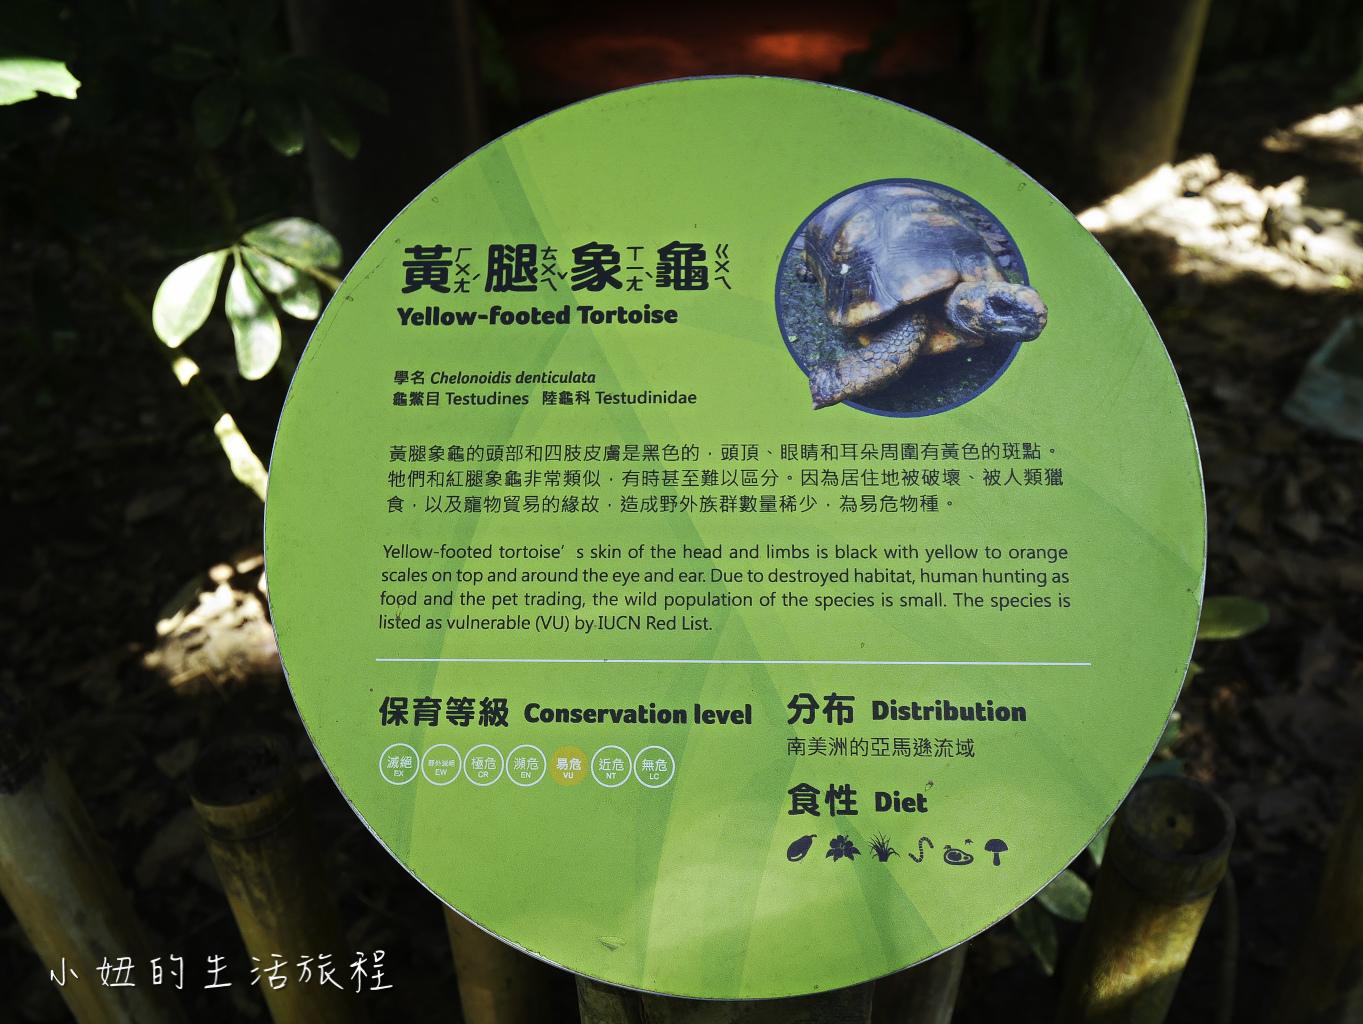 木柵動物園,穿山甲館,熱帶雨林館,2019-33.jpg